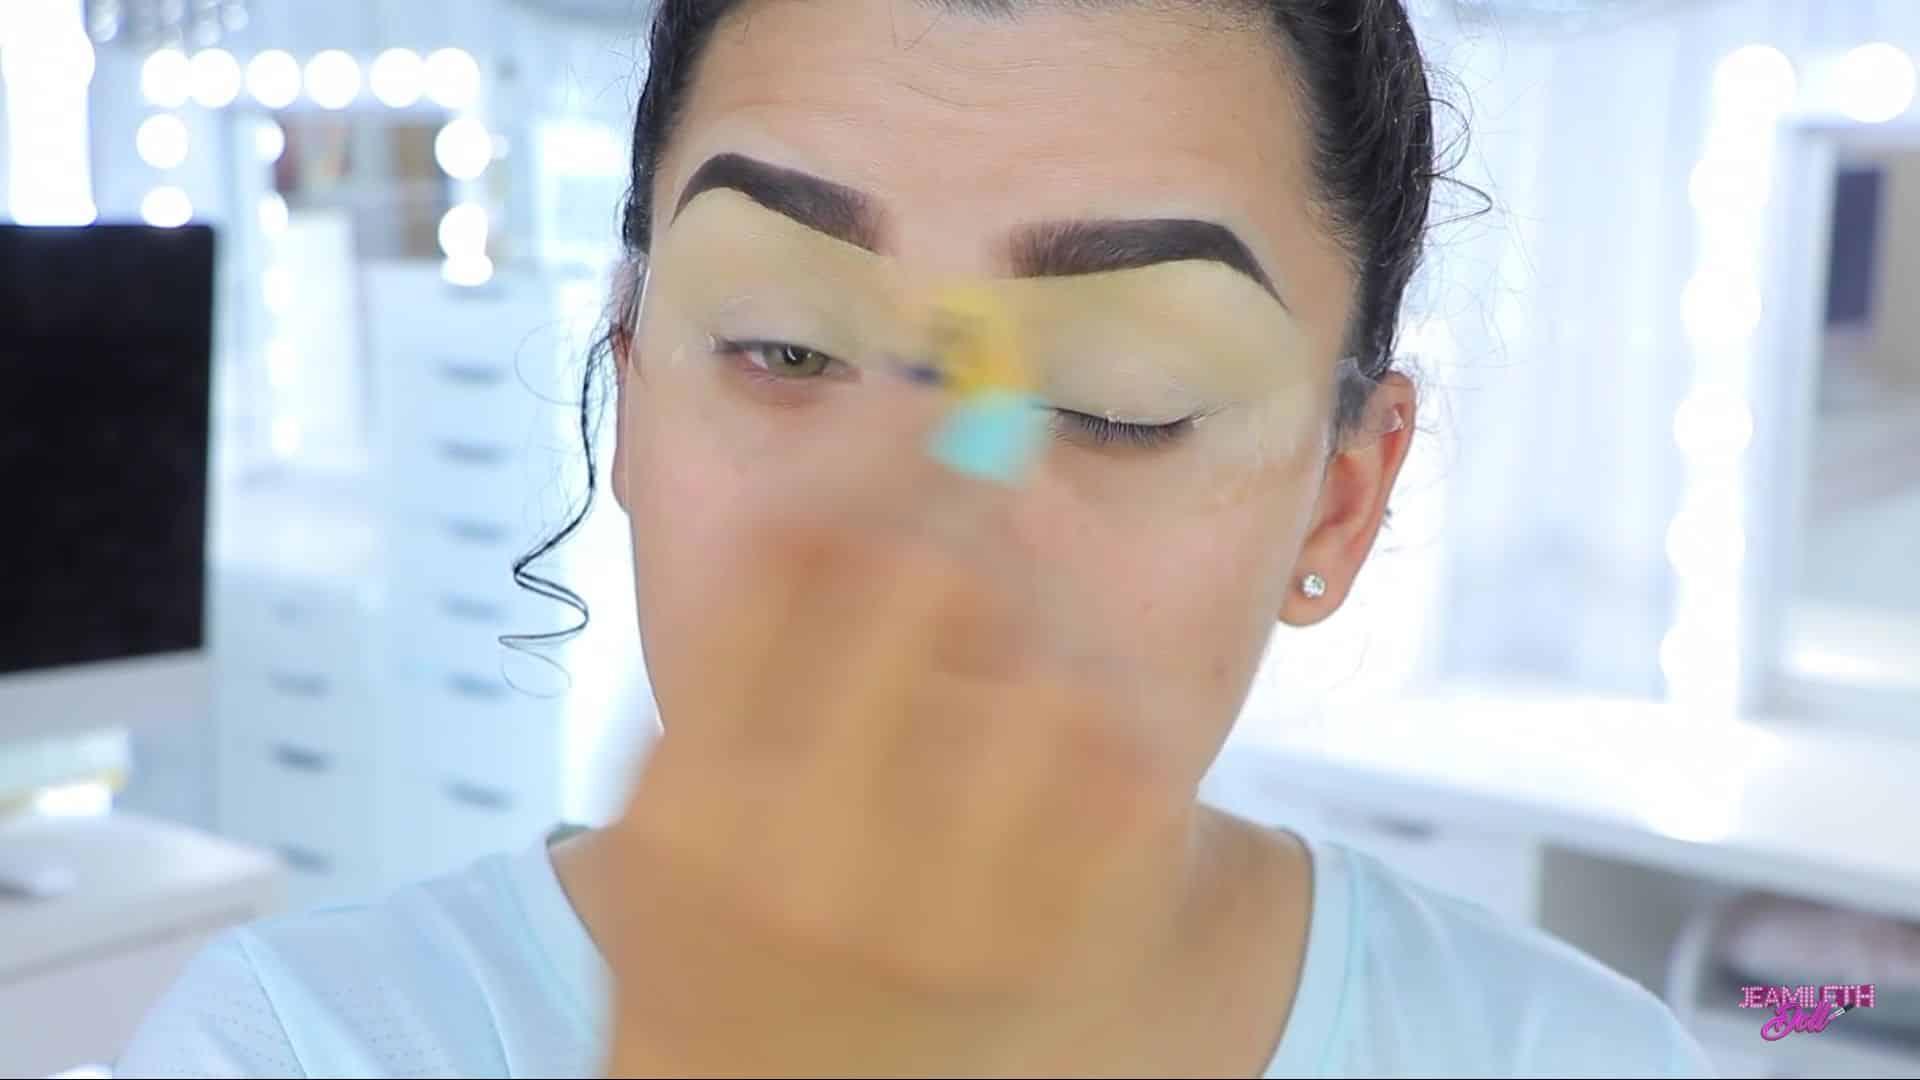 Maquillate como Jasmine facil y rapido Jeamileth Doll 2020,difuminado del corrector de ojos.